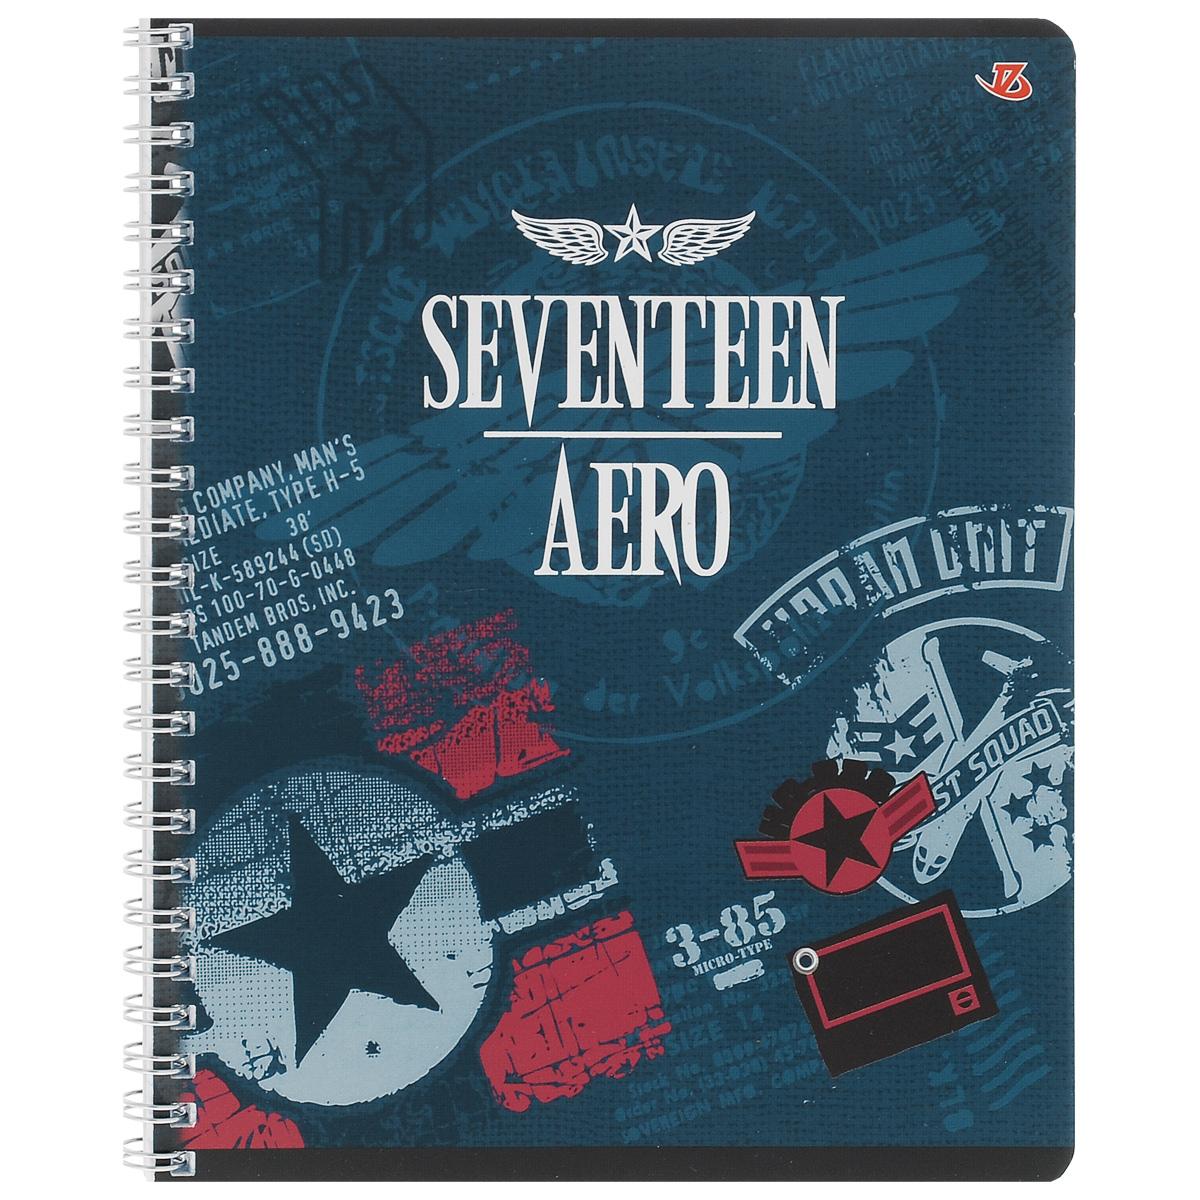 Тетрадь в клетку Seventeen Aero, цвет: синий, 80 листов. 6659/372523WDТетрадь Seventeen Aero подойдет для любых работ и студенту, и школьнику.Фактурная обложка тетради с элементами серебряного тиснения выполнена из мелованного картона с закругленными углами.Внутренний блок тетради соединен металлической пружиной и состоит из 80 листов высококачественной бумаги повышенной белизны.